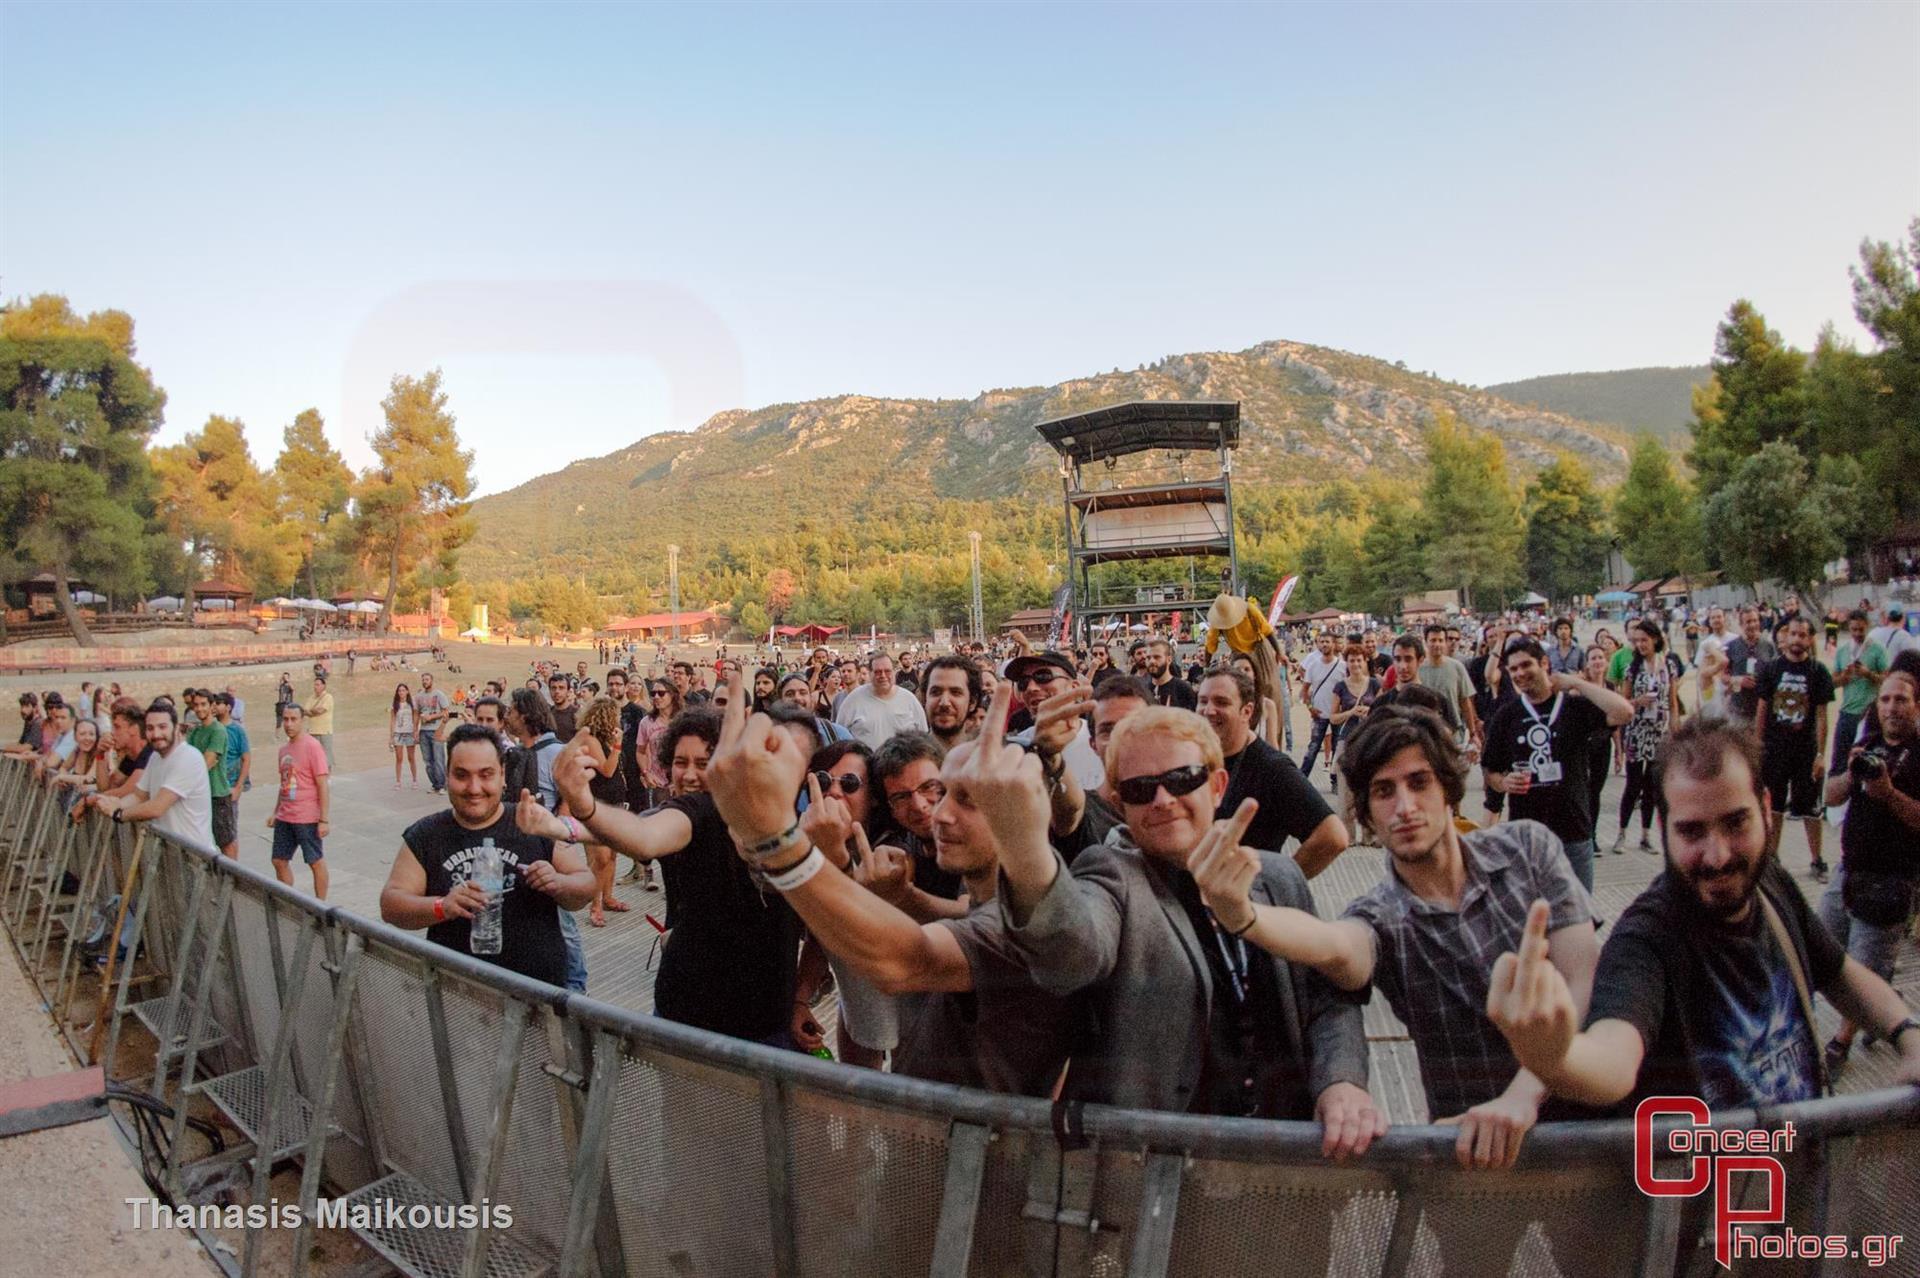 Monophonics-Monophonics photographer: Thanasis Maikousis - concertphotos_-7942